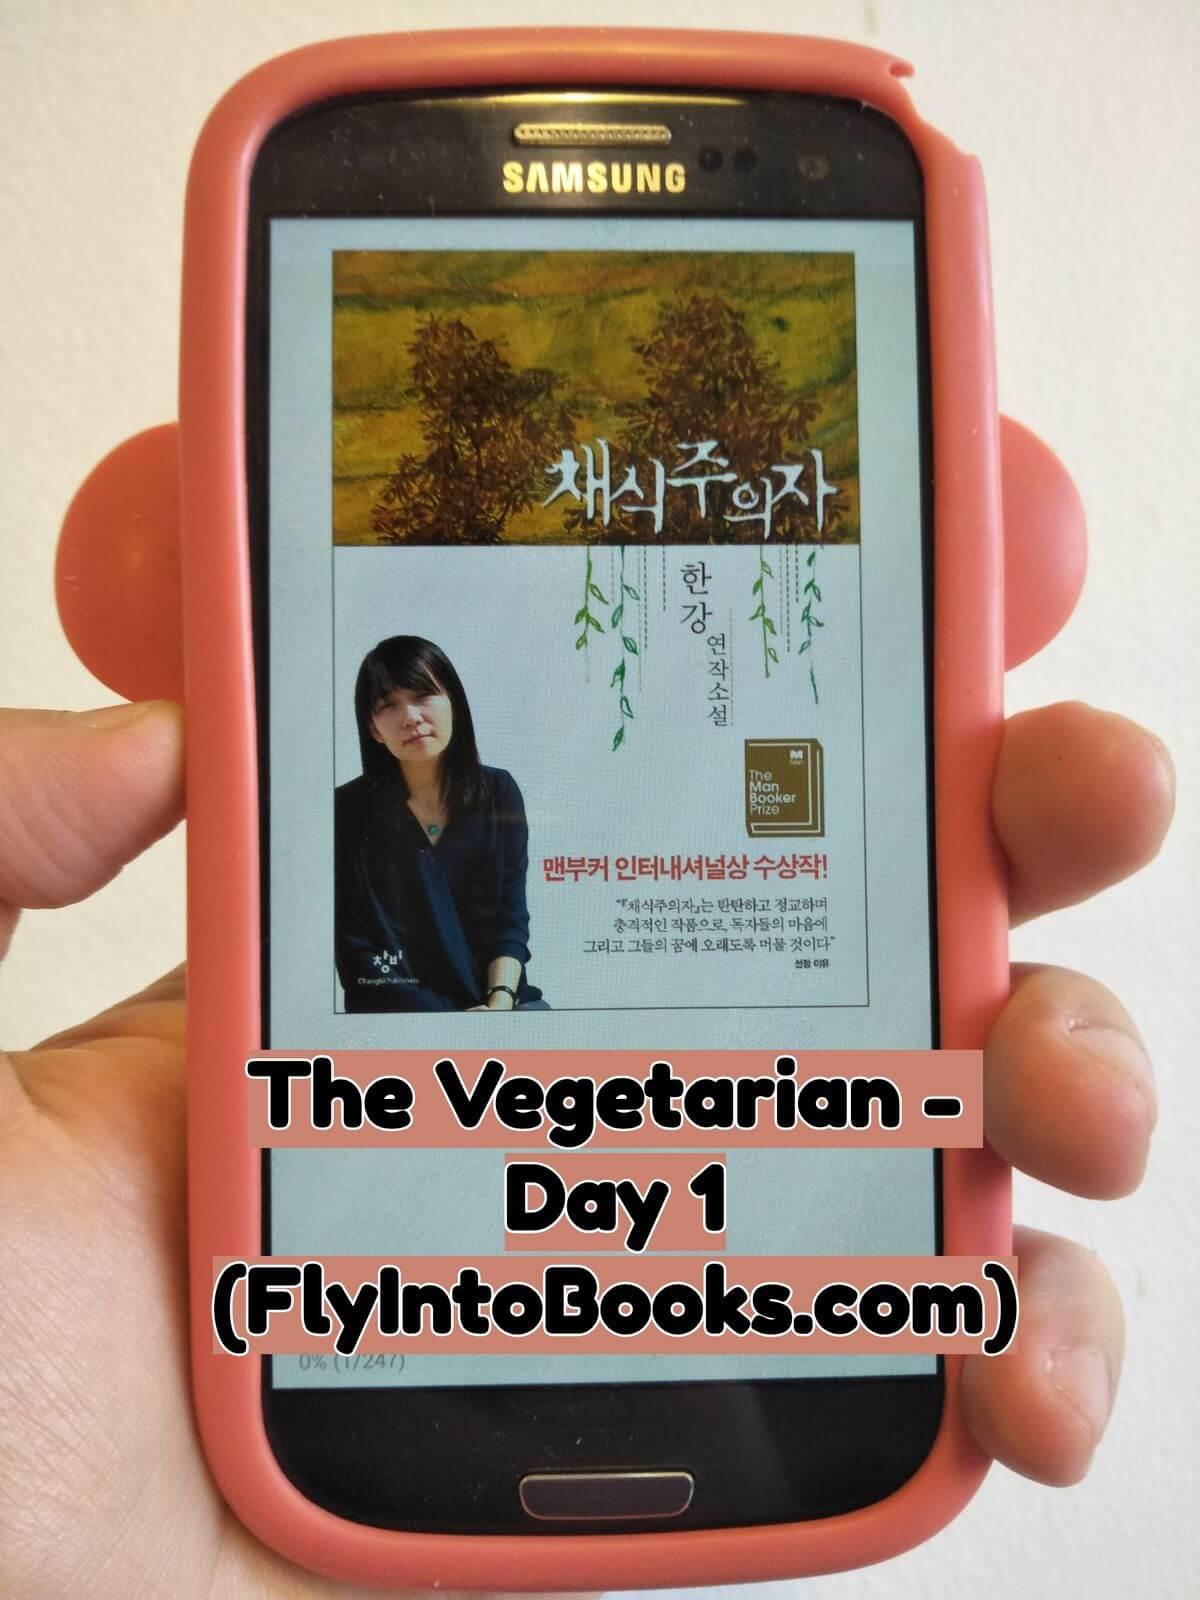 Let's Read The Vegetarian (채식주의자) - Day 1 (FlyIntoBooks.com)